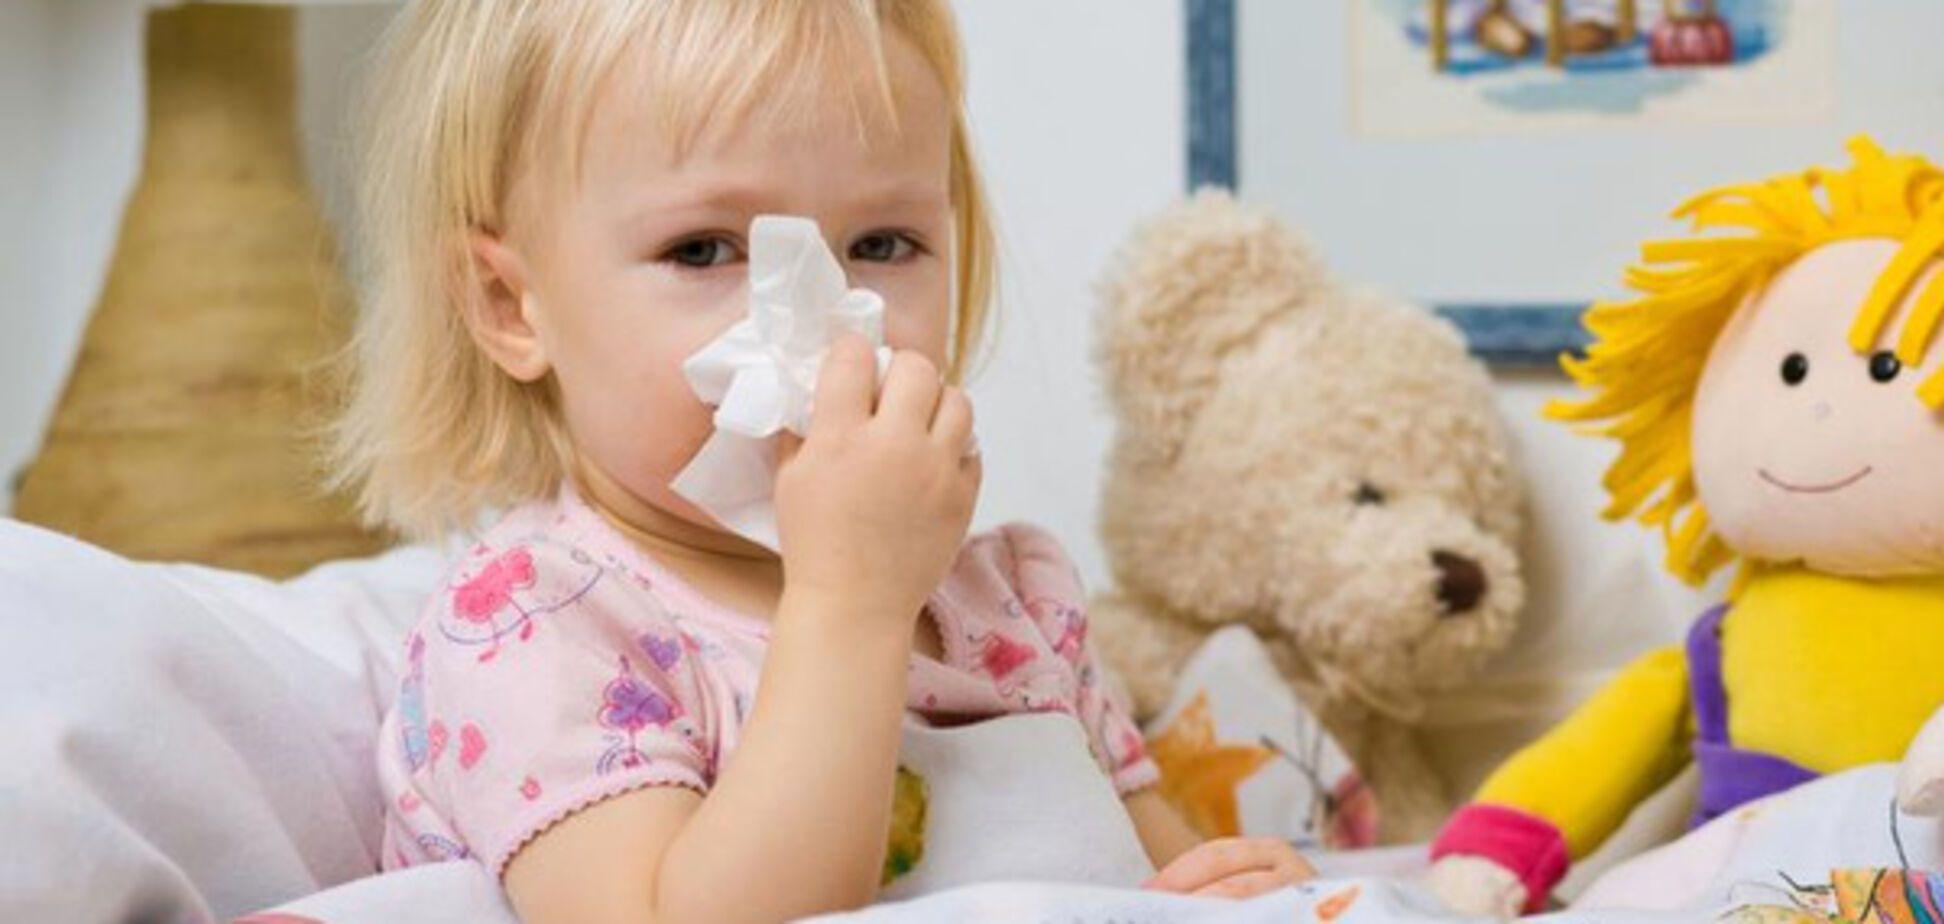 Не треба боятися: Комаровський про часті застуди дитини